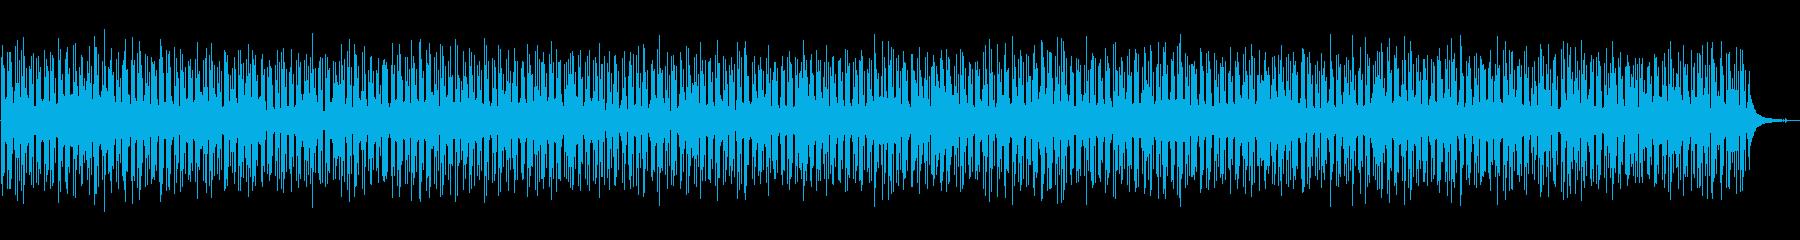 チルアウト、R&B系かっこいいエレピの再生済みの波形